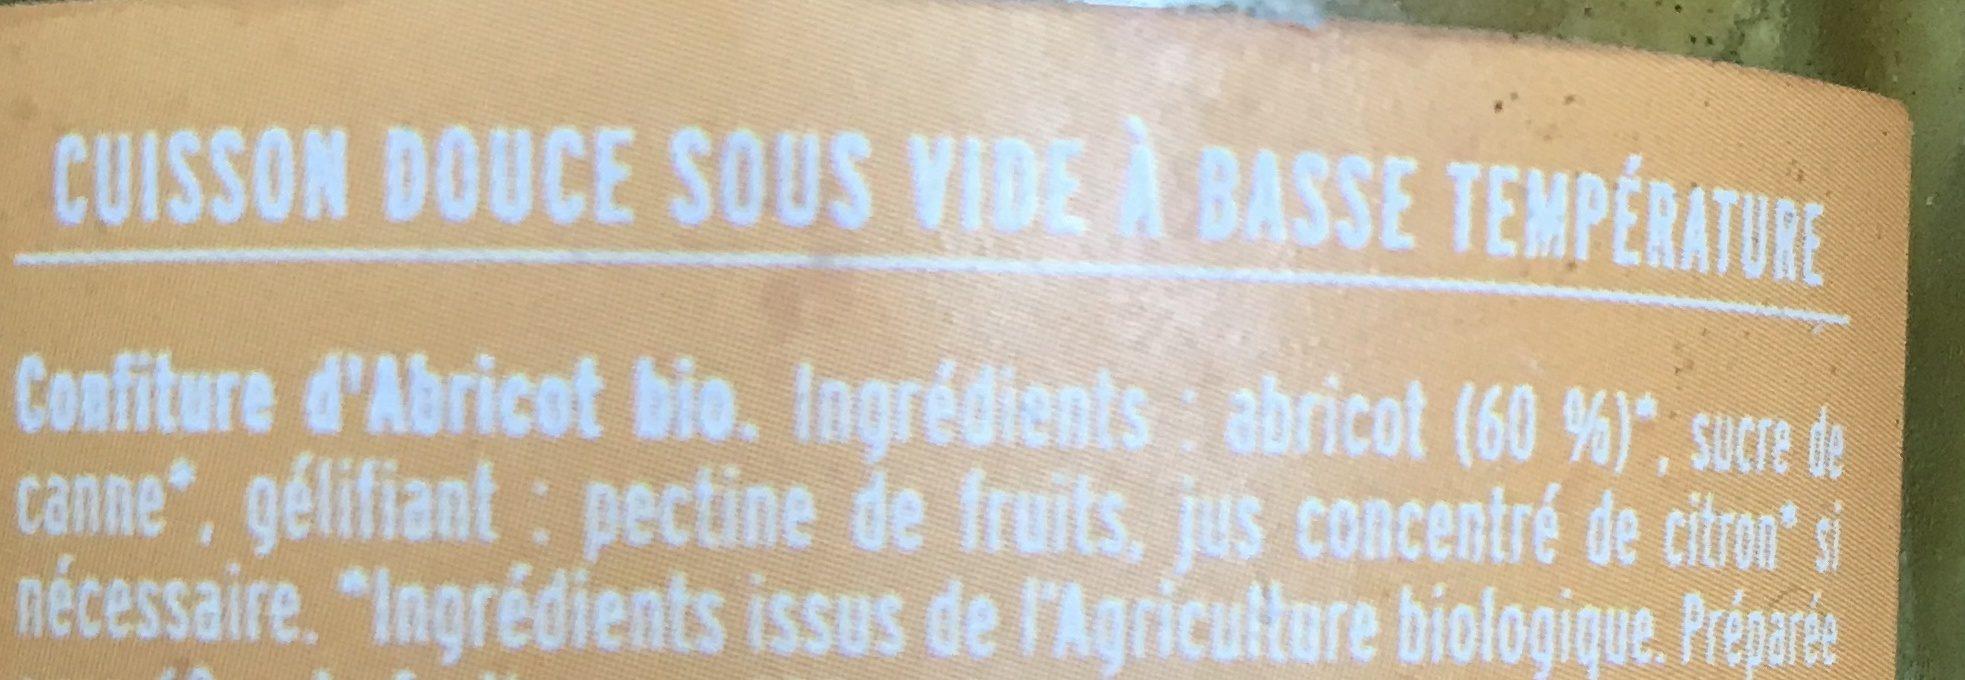 Abricot / Confiture Extra / Confitures Bio - Ingrédients - fr